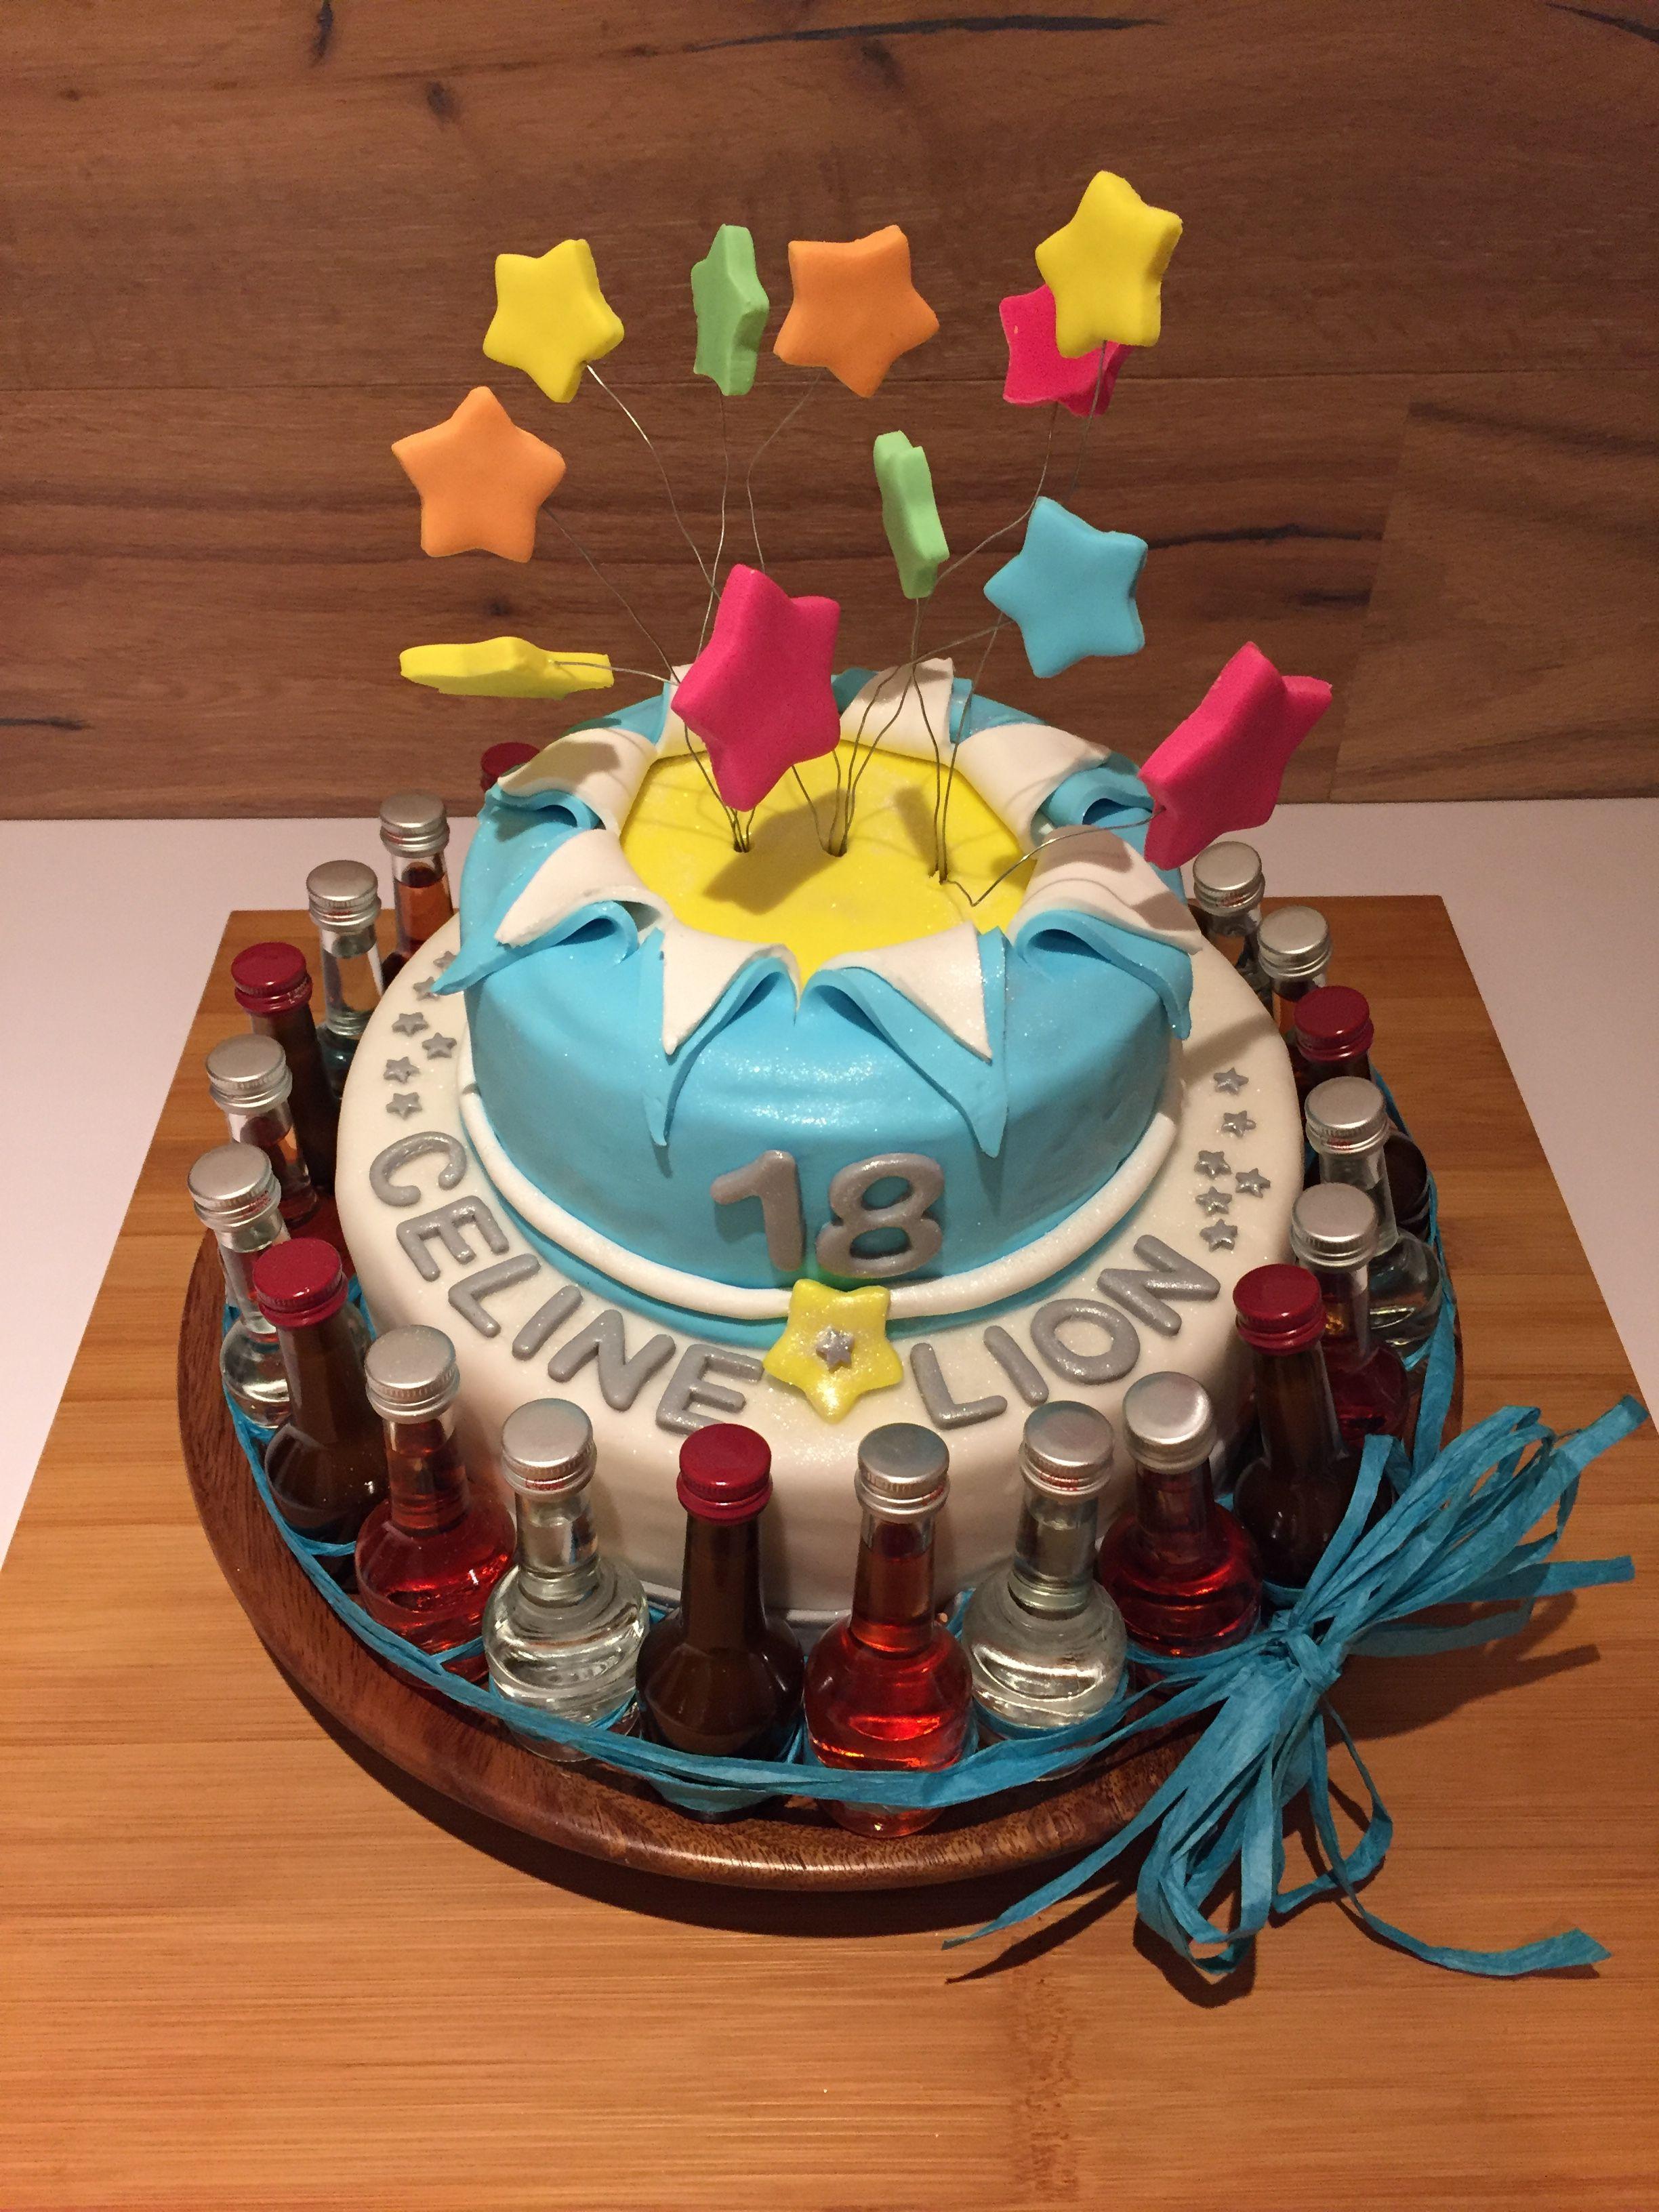 Sternen Feuerwerk zum 18 Geburtstag Motivtorte Torte